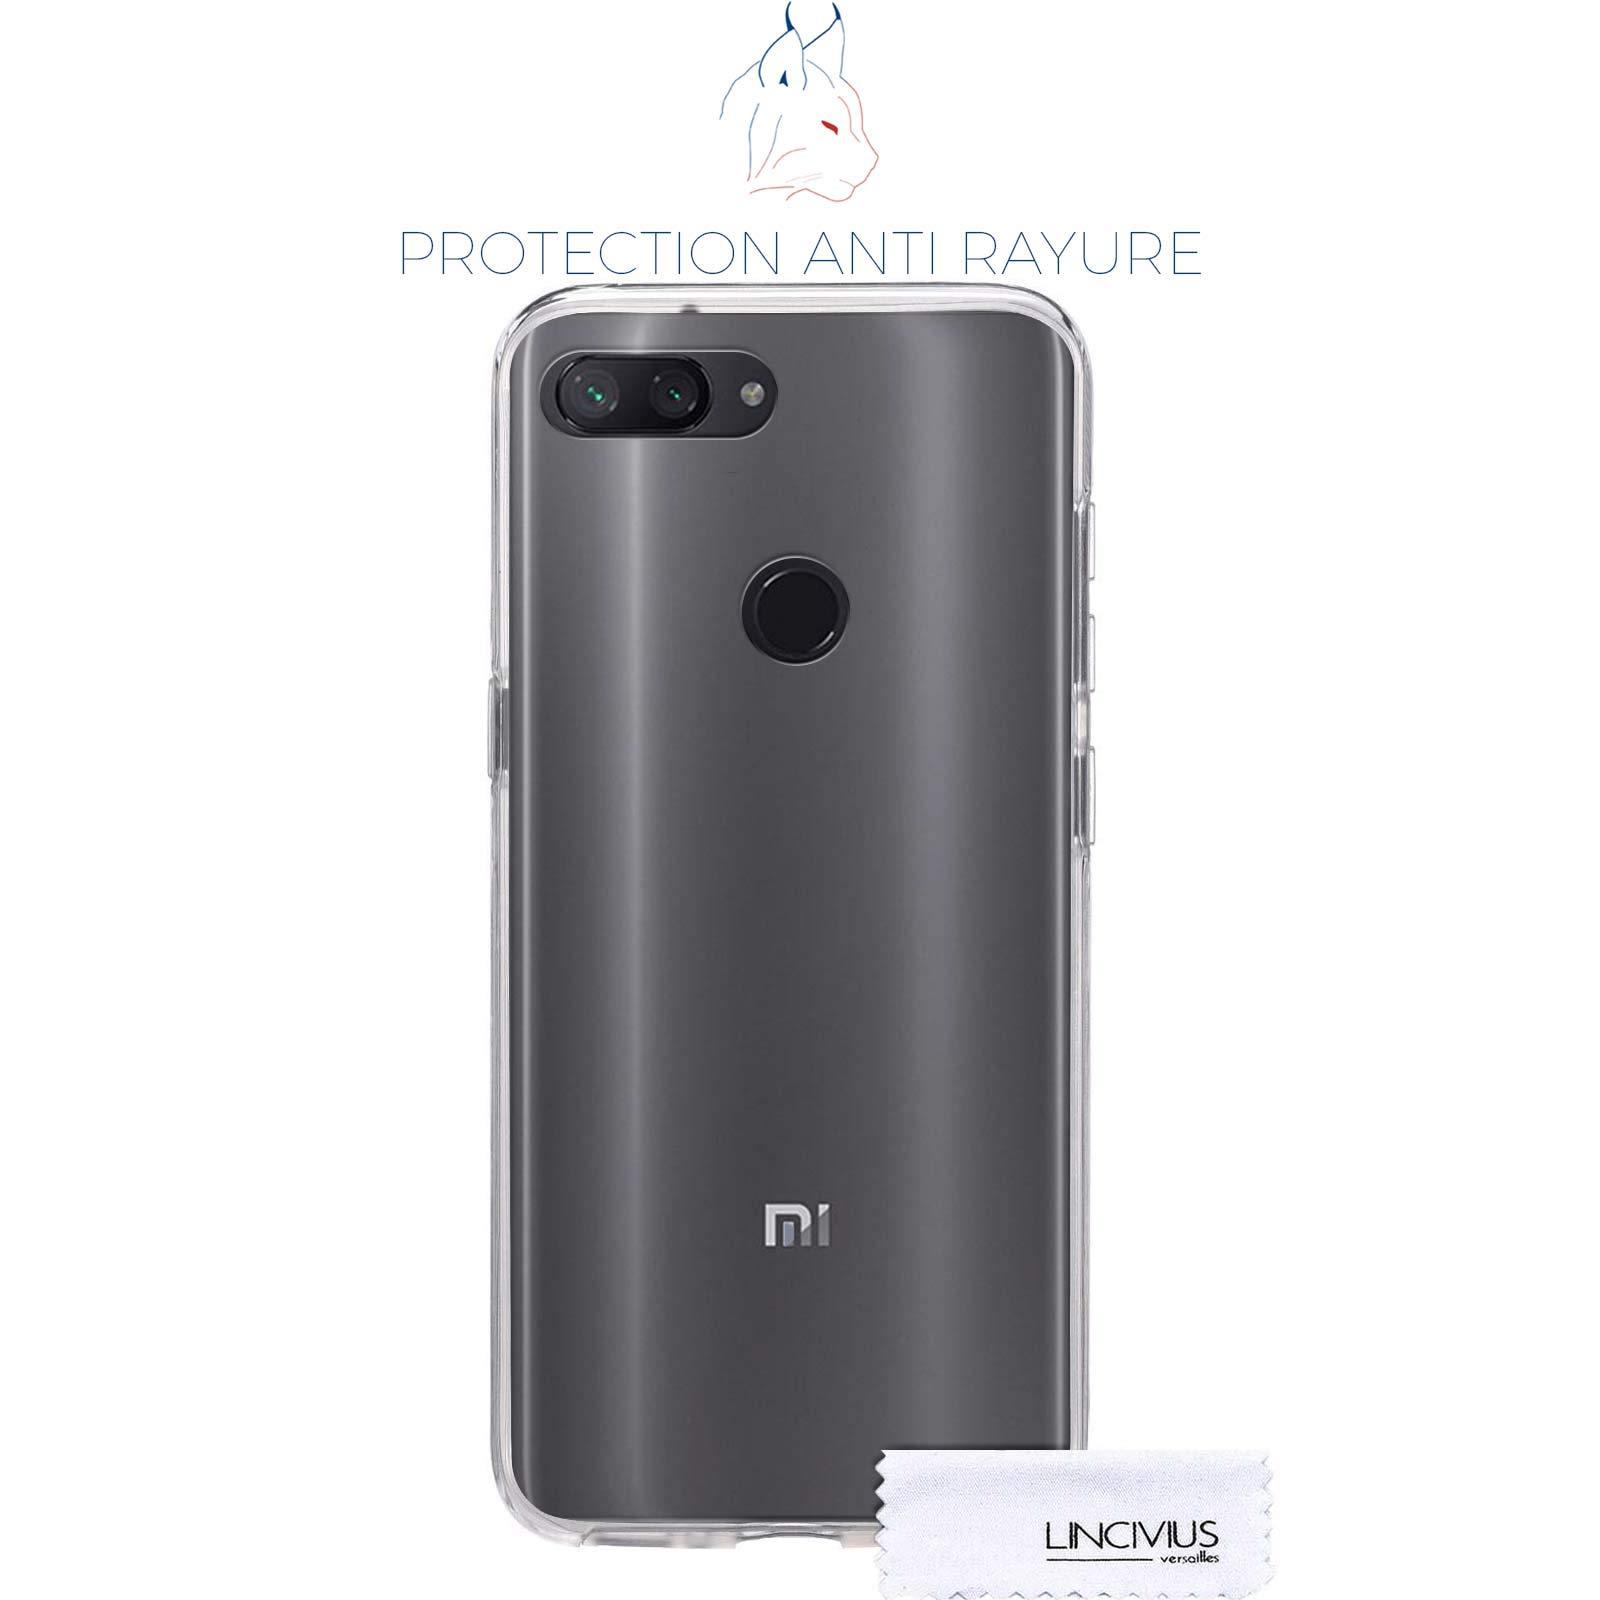 LINCIVIUS  Coque Integrale Compatible avec Xiaomi Mi 8 Lite, Coque de Protection 2 en 1 Bumper Transparent Silicone Avant Et Arrière Contour Bumper Rigide pour Xiaomi Mi 8 Lite, Transparent